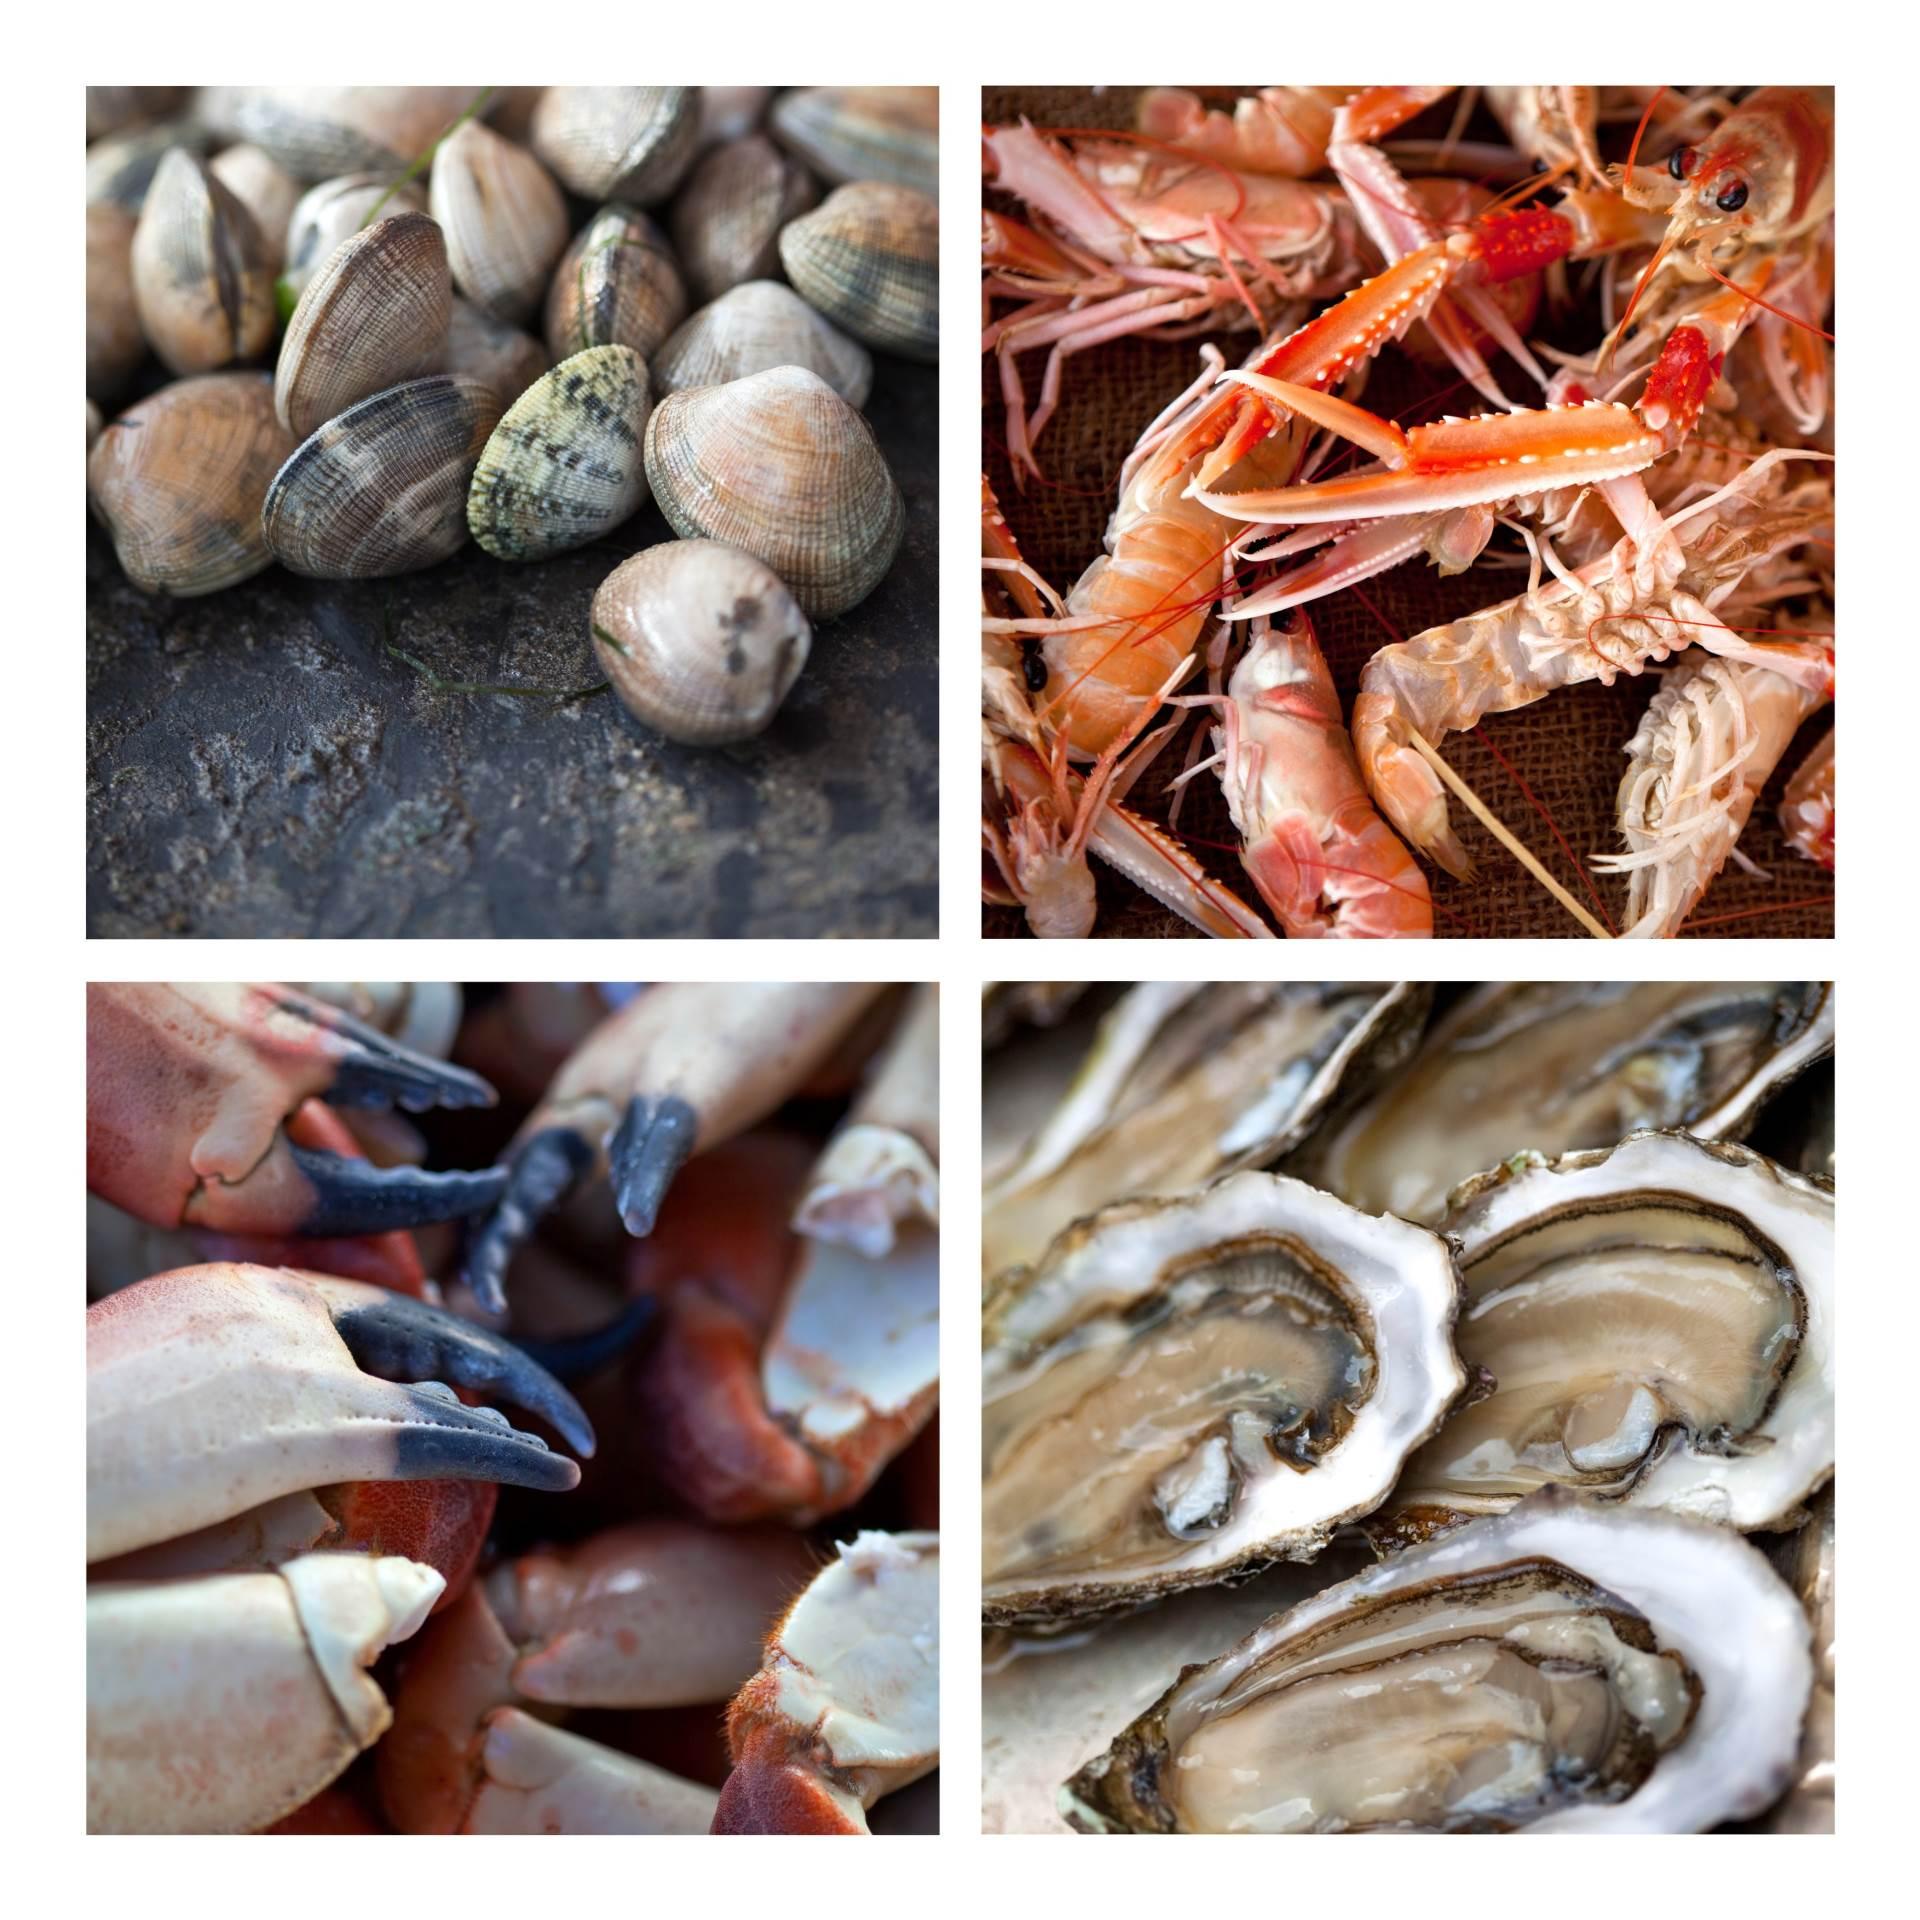 Morski plodovi predstavljaju bogat izvor izvor esencijalnih aminokiselina